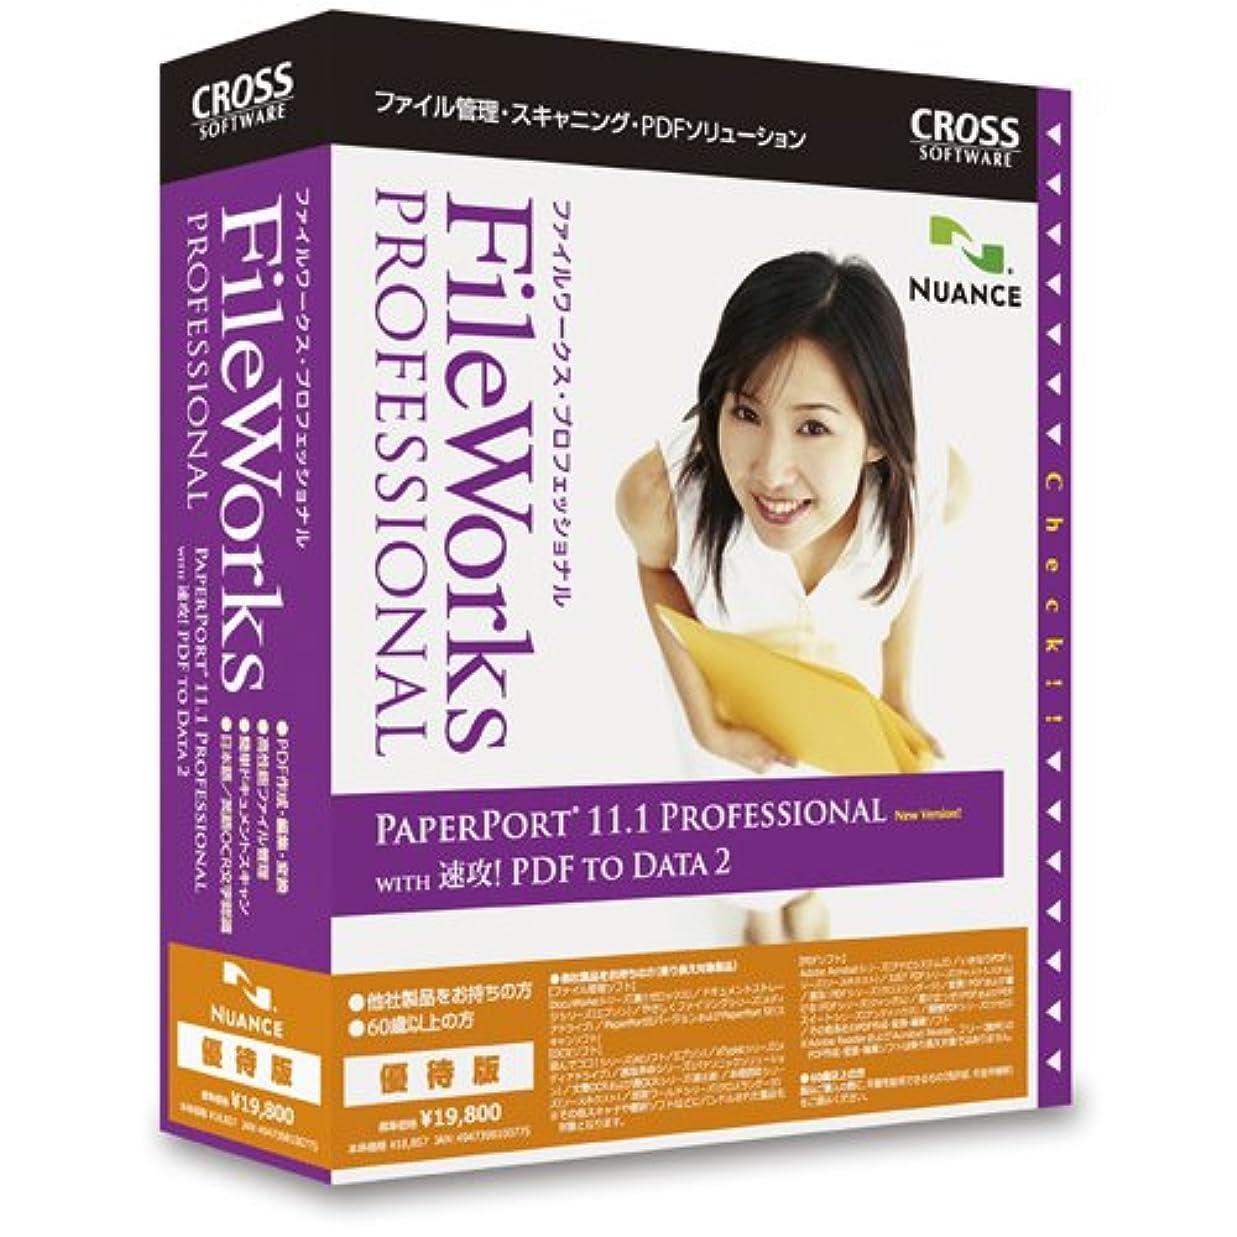 休憩批判的細いFileWorks Professional (PaperPort 11.1 Professional) 優待版